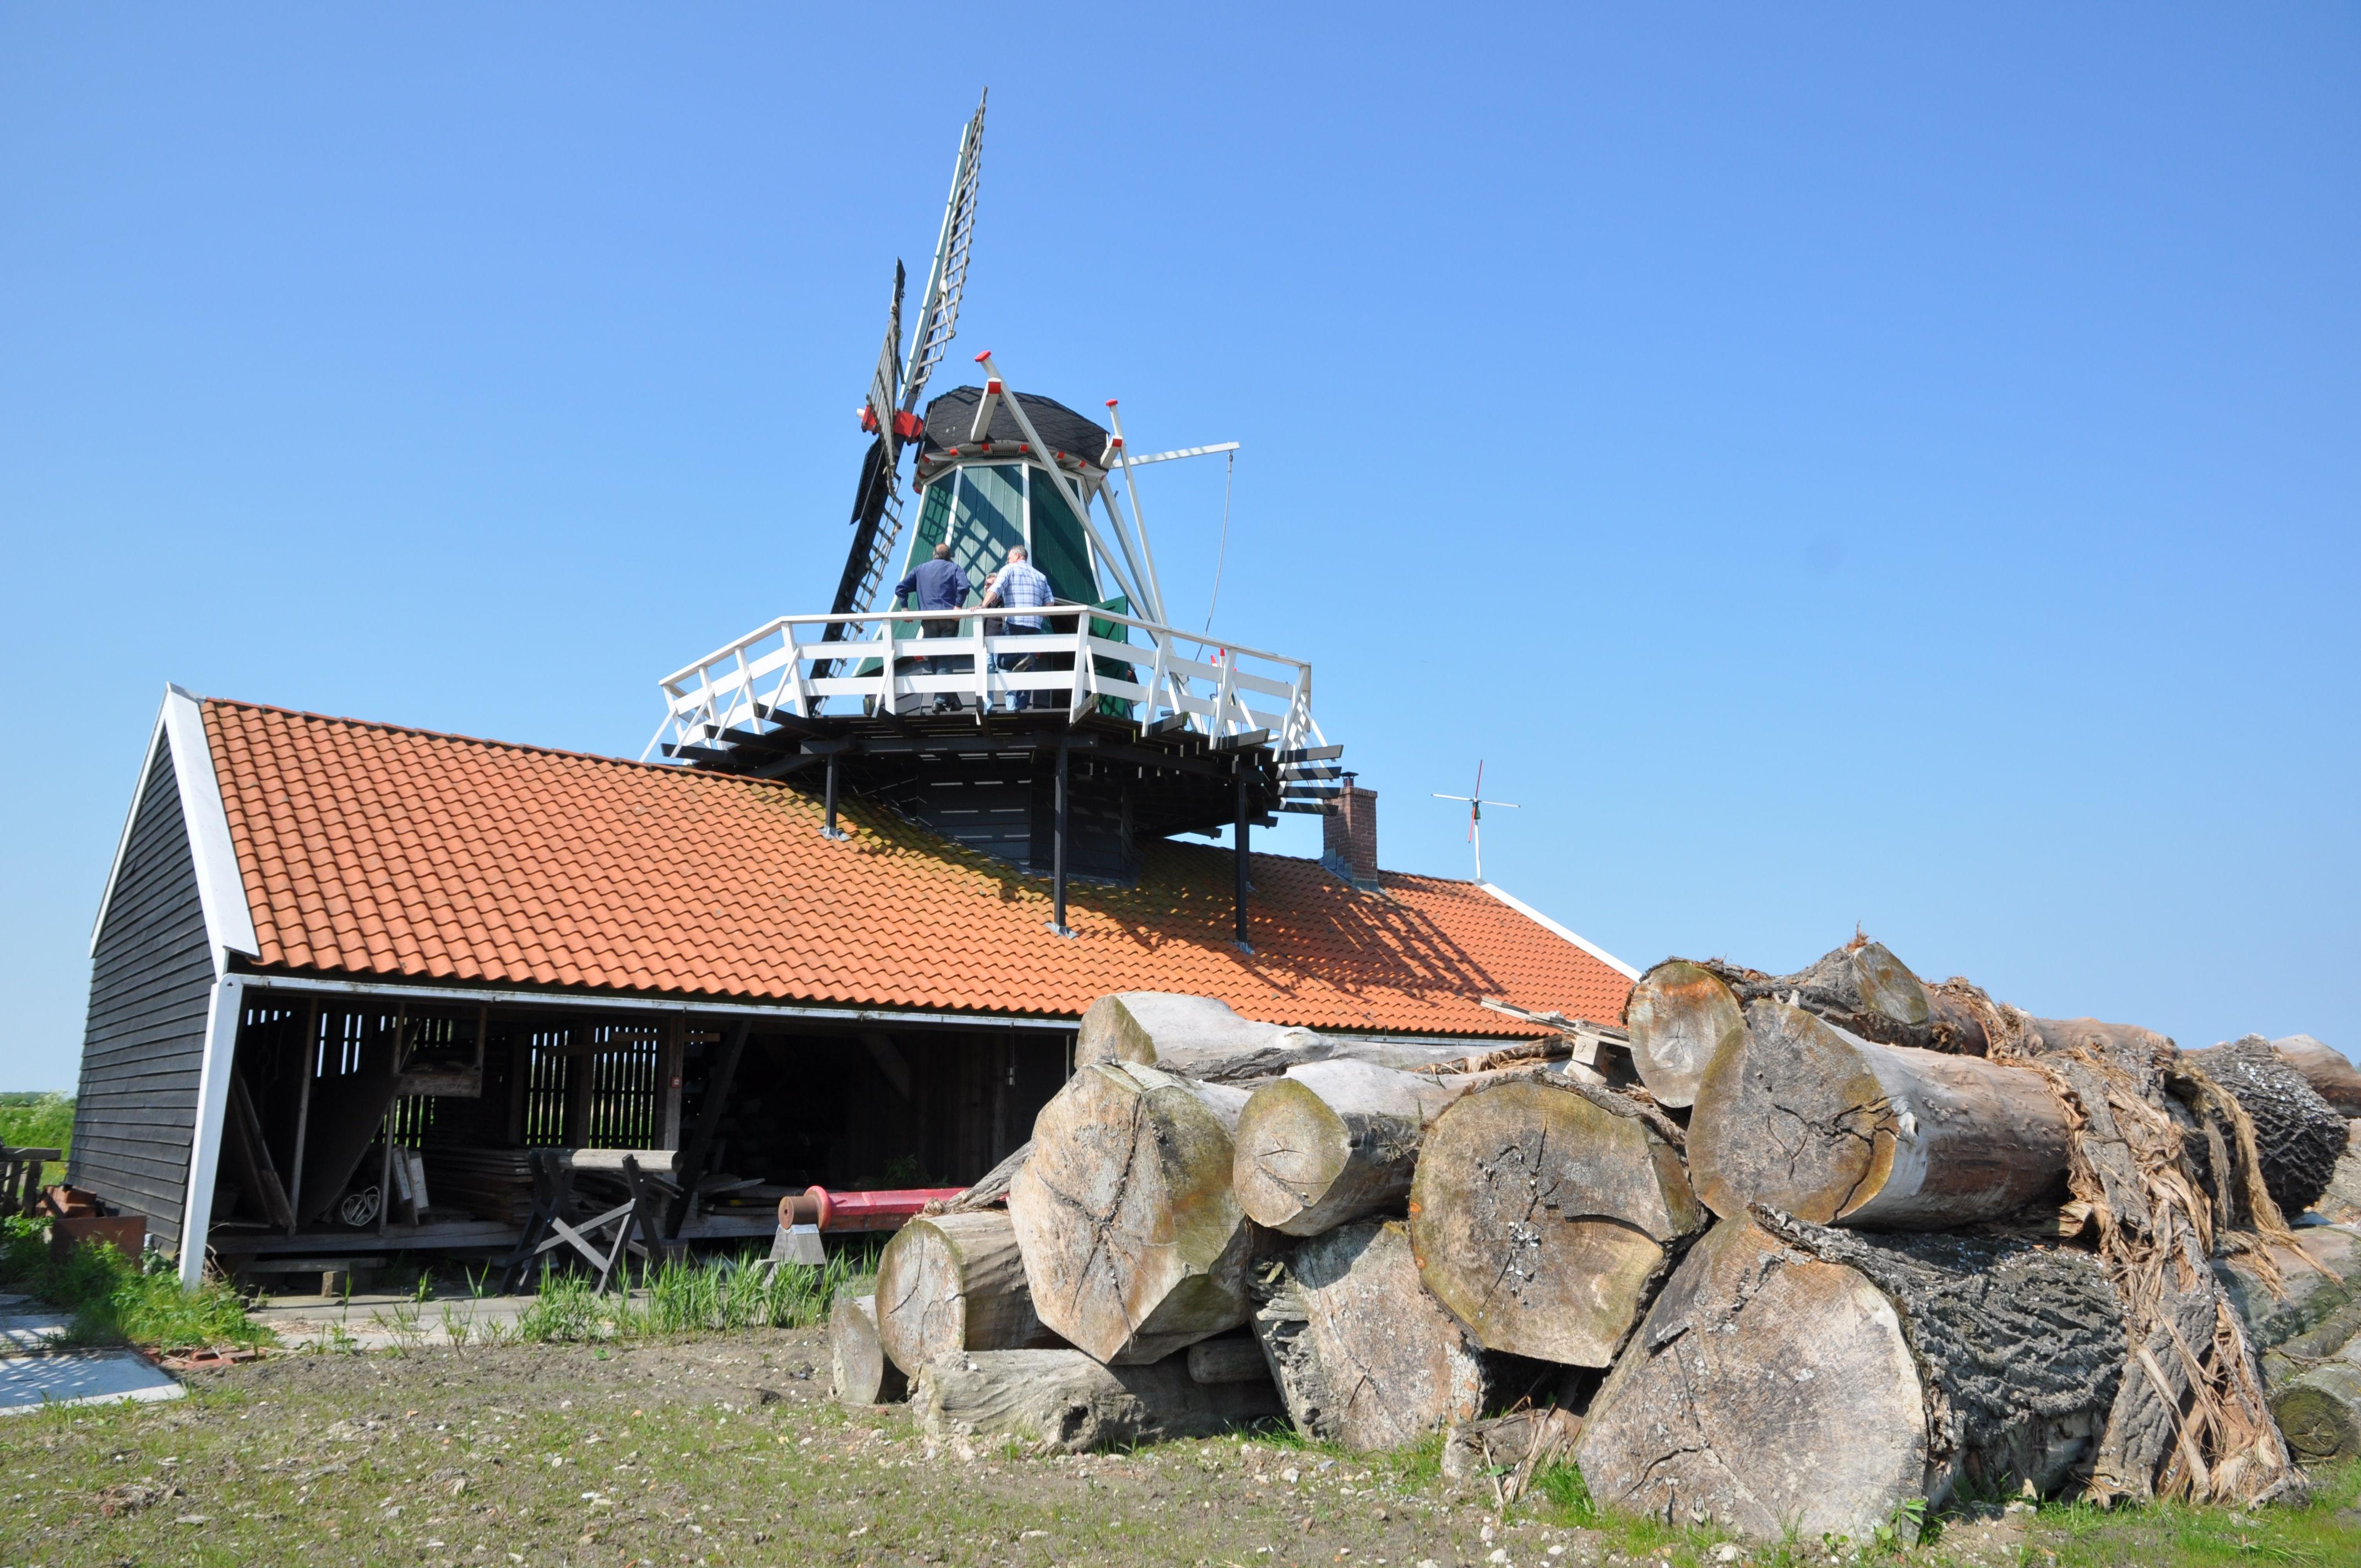 De houtzaagmolen was een uitvinding van Cornelis Corneliszoon